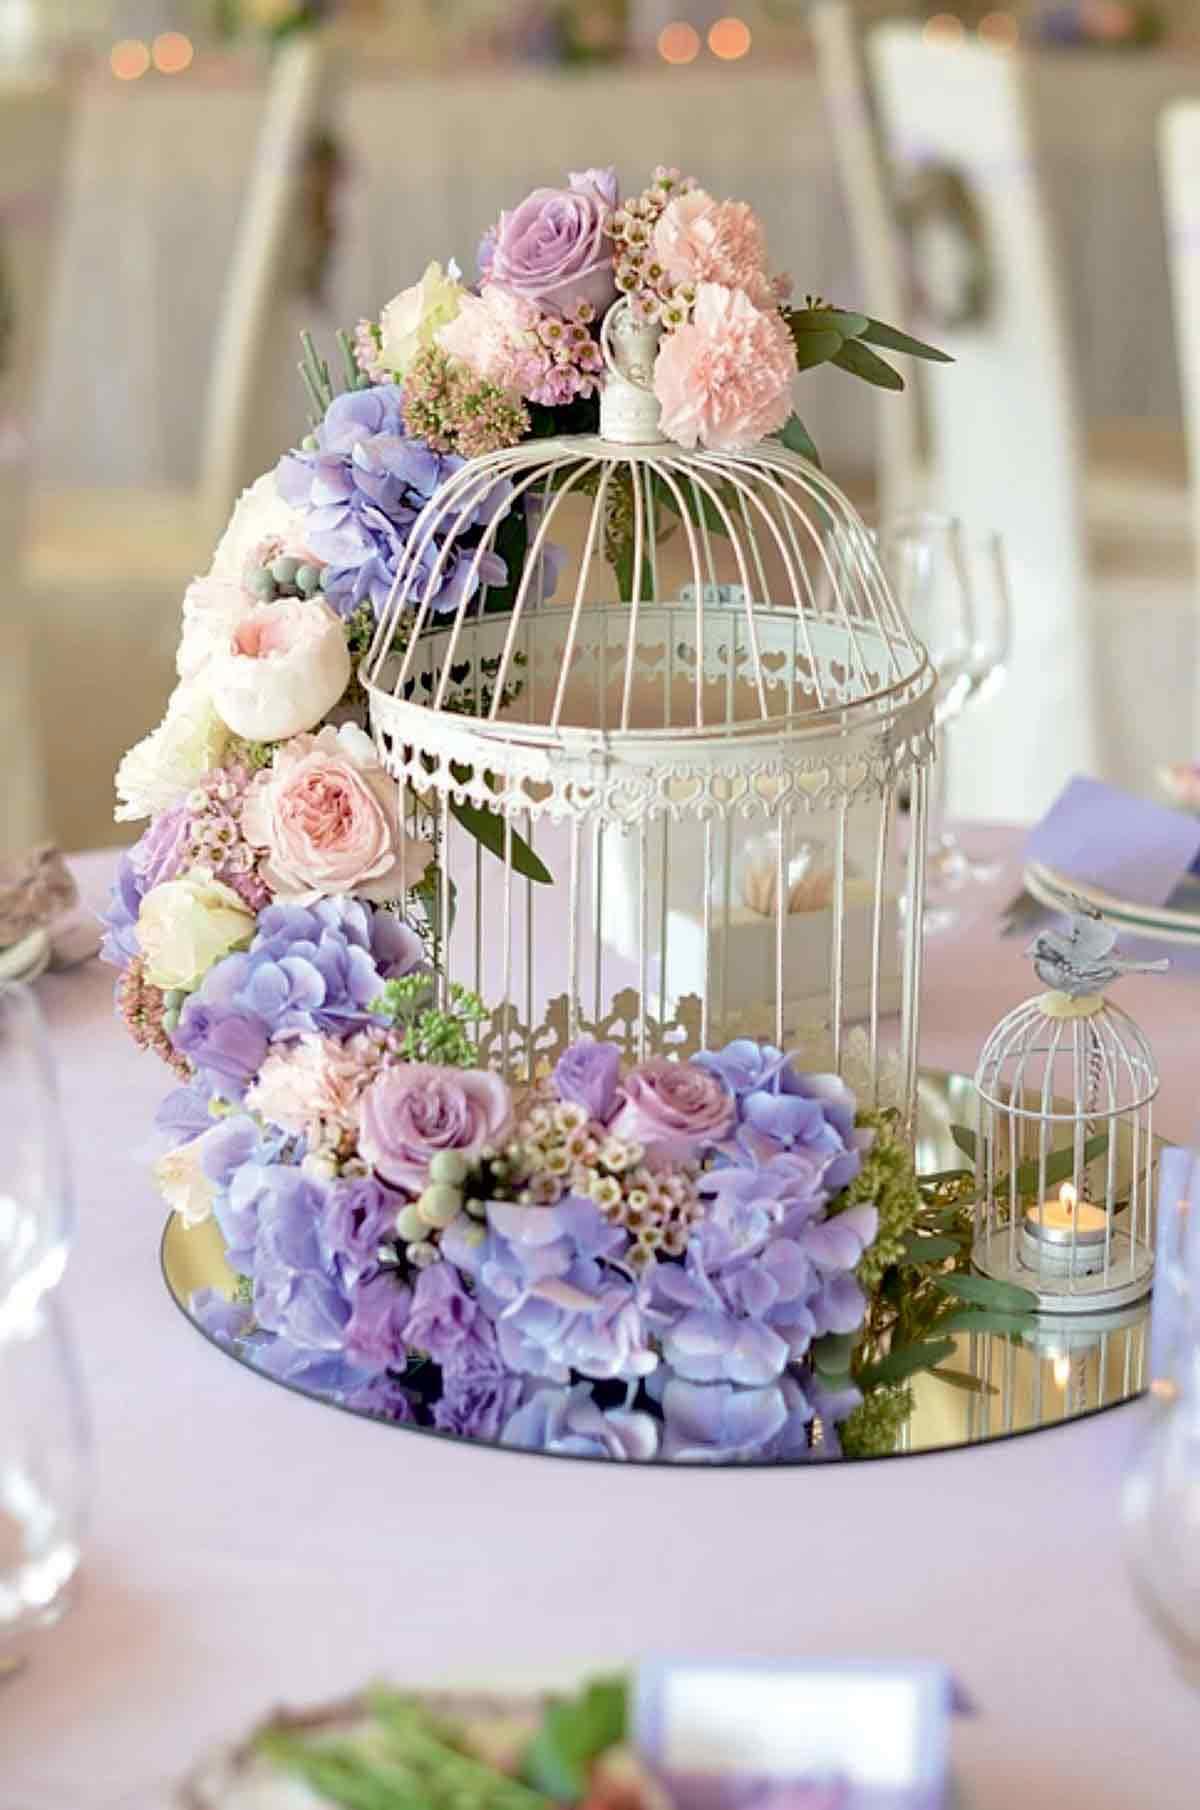 Bouquet violet et blanc avec cage d'oiseau sur une table